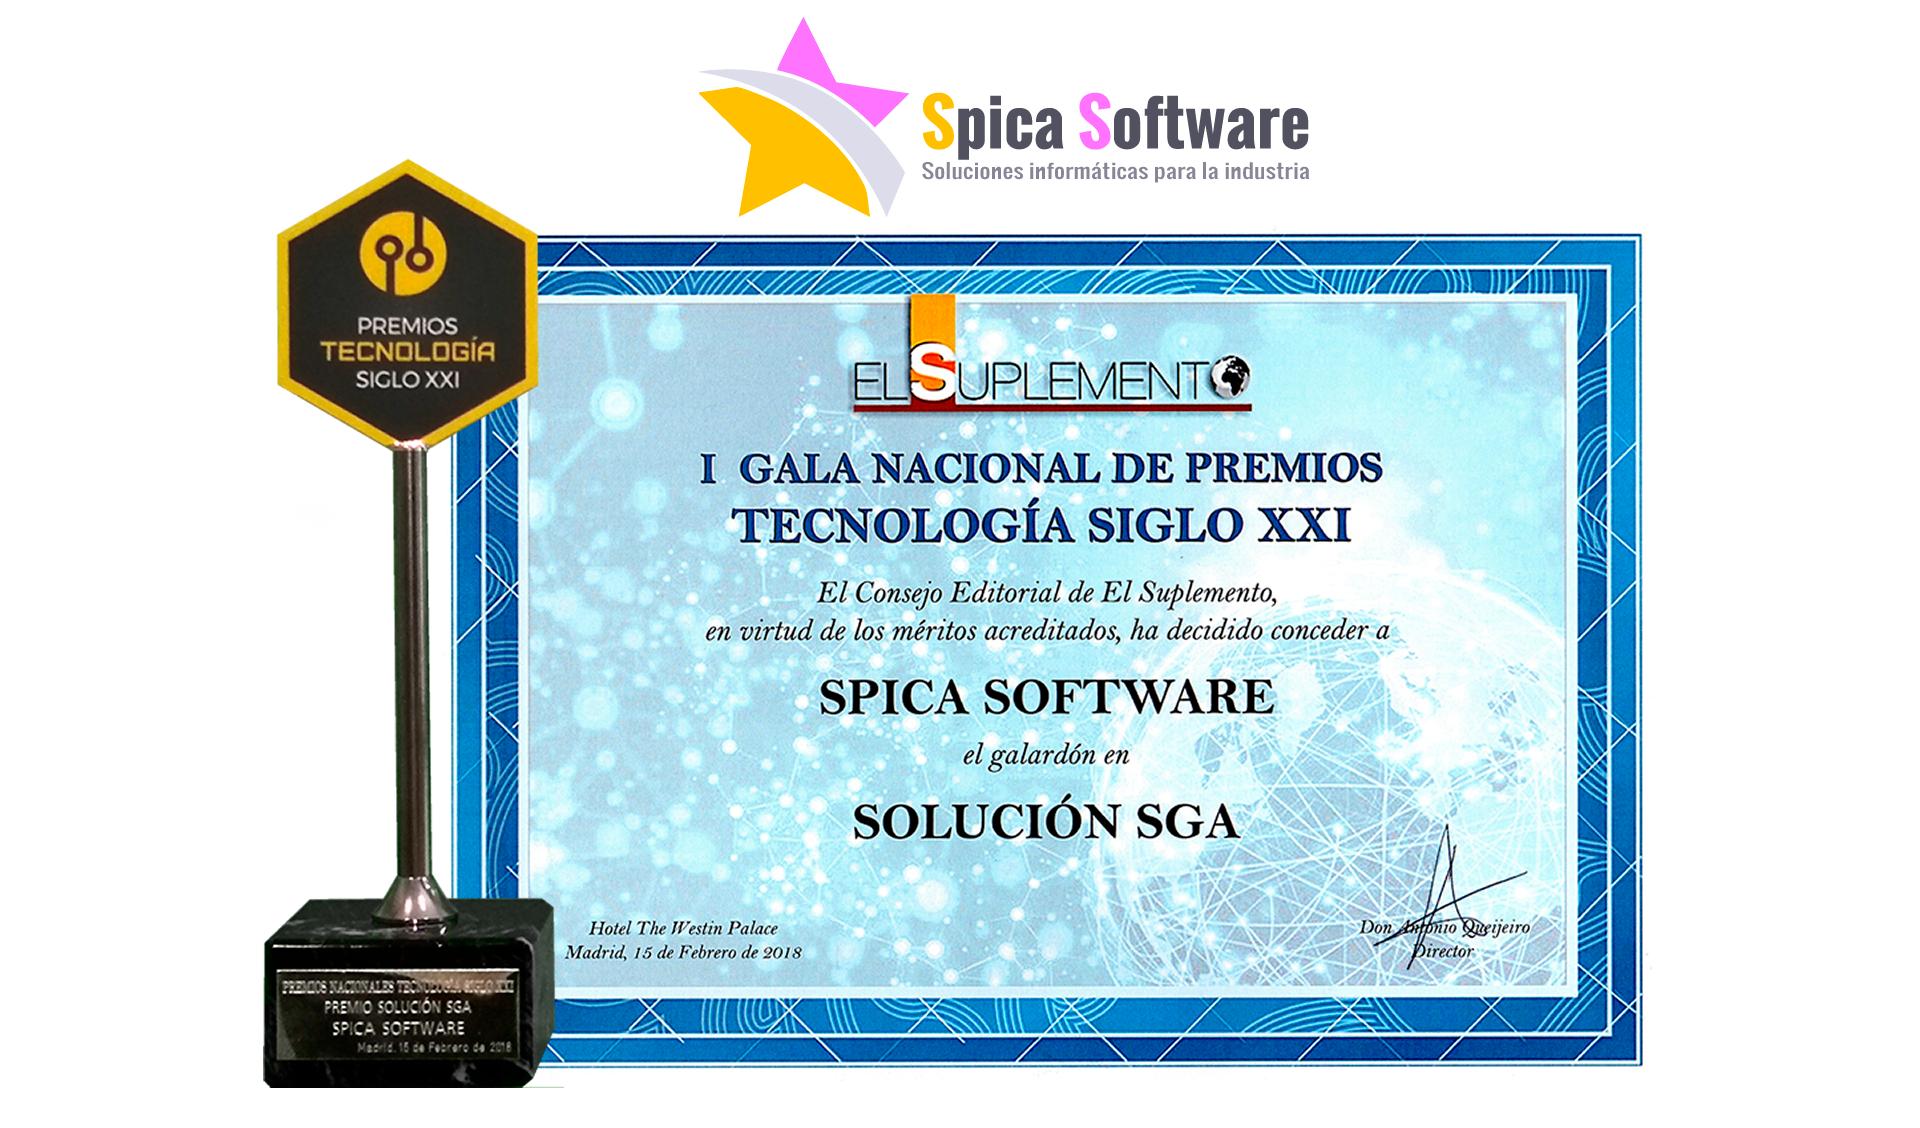 Premio Tecnología Siglo XXI. Software SGA